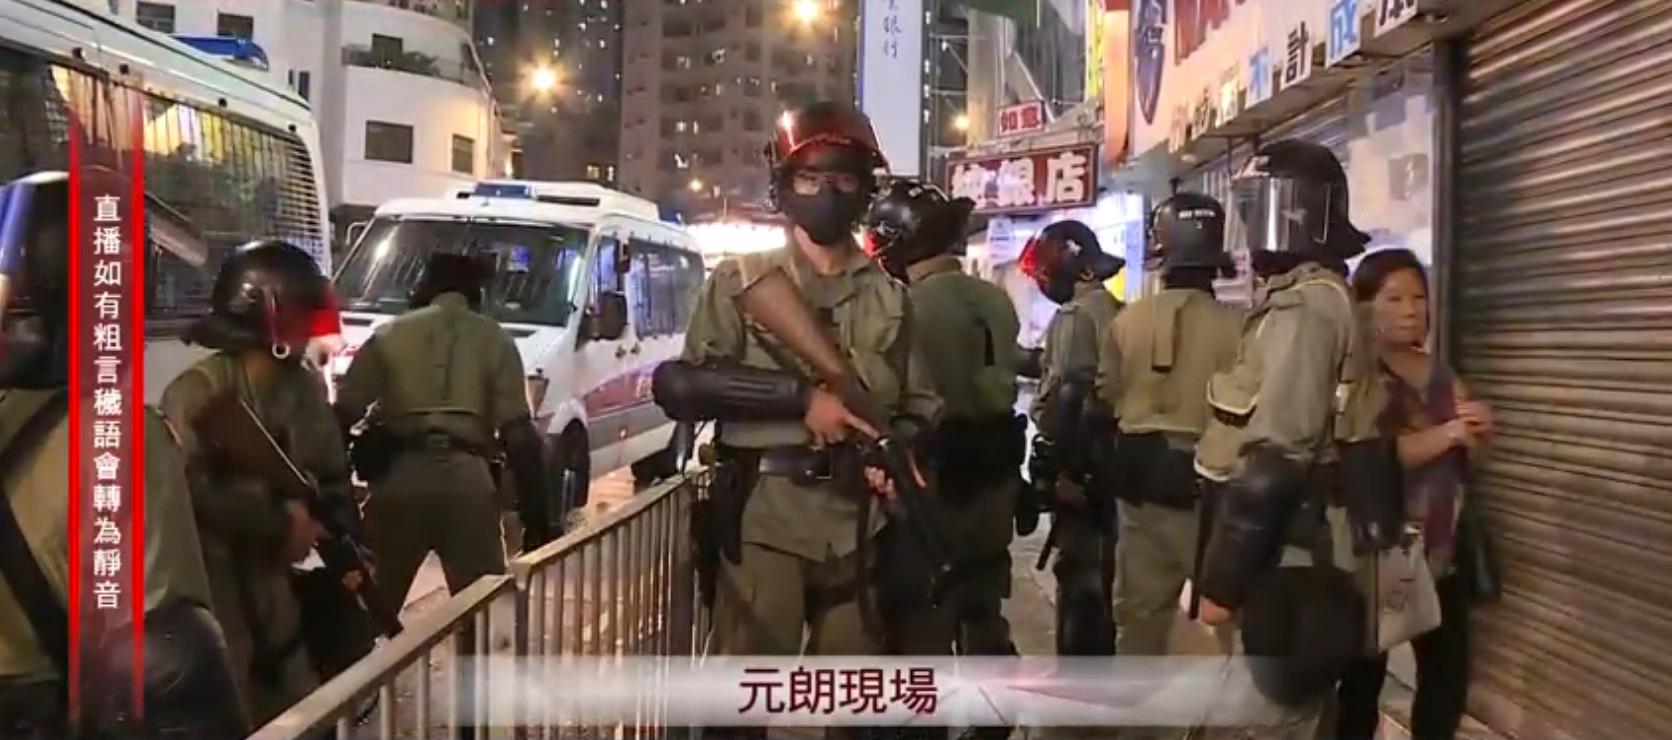 防暴警察到場。港台電視截圖